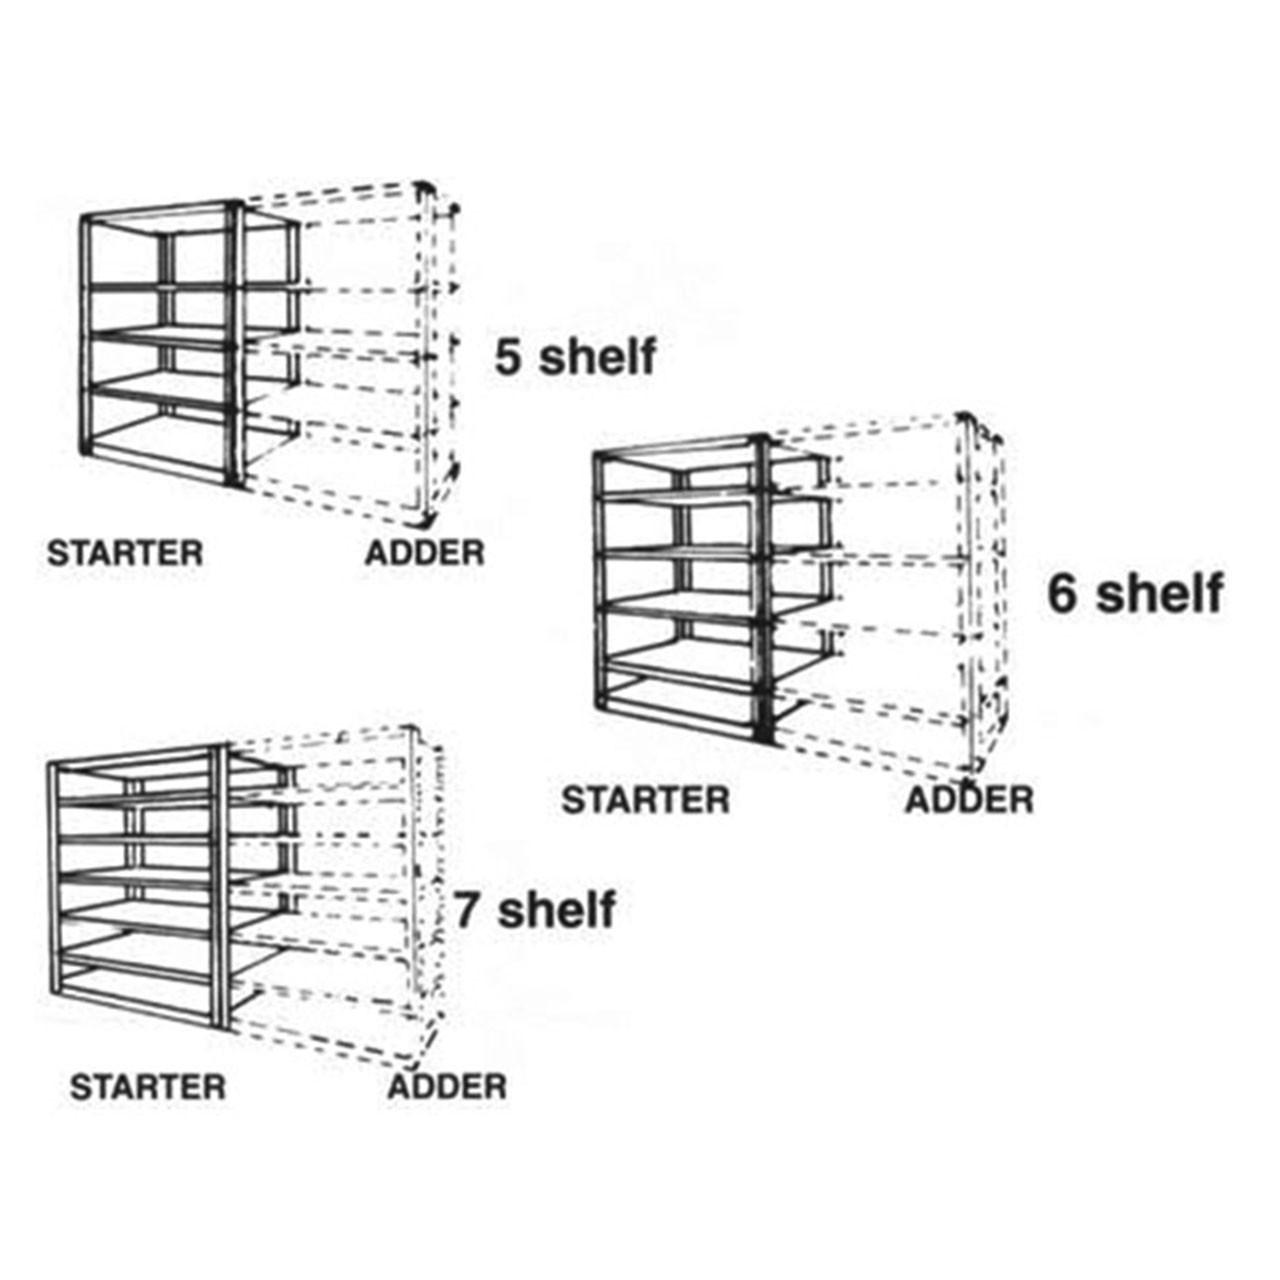 Boltless Longspan Shelving Starters Diagram